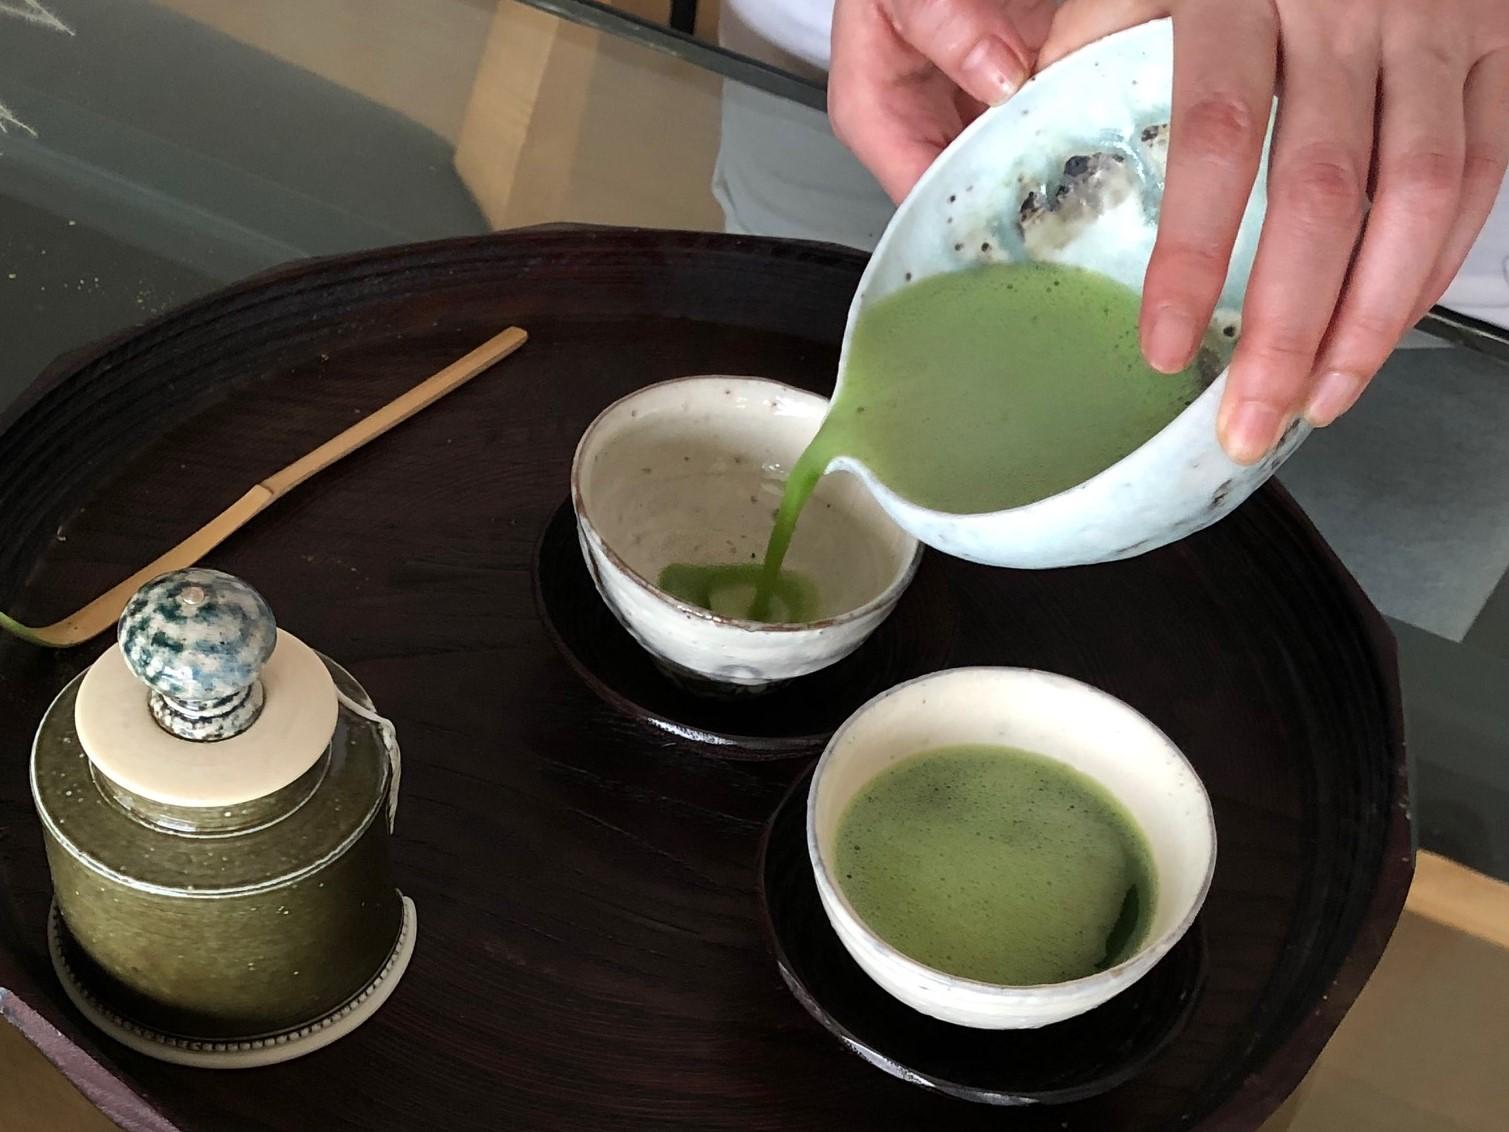 コロナ対策にお勧め緑茶抹茶